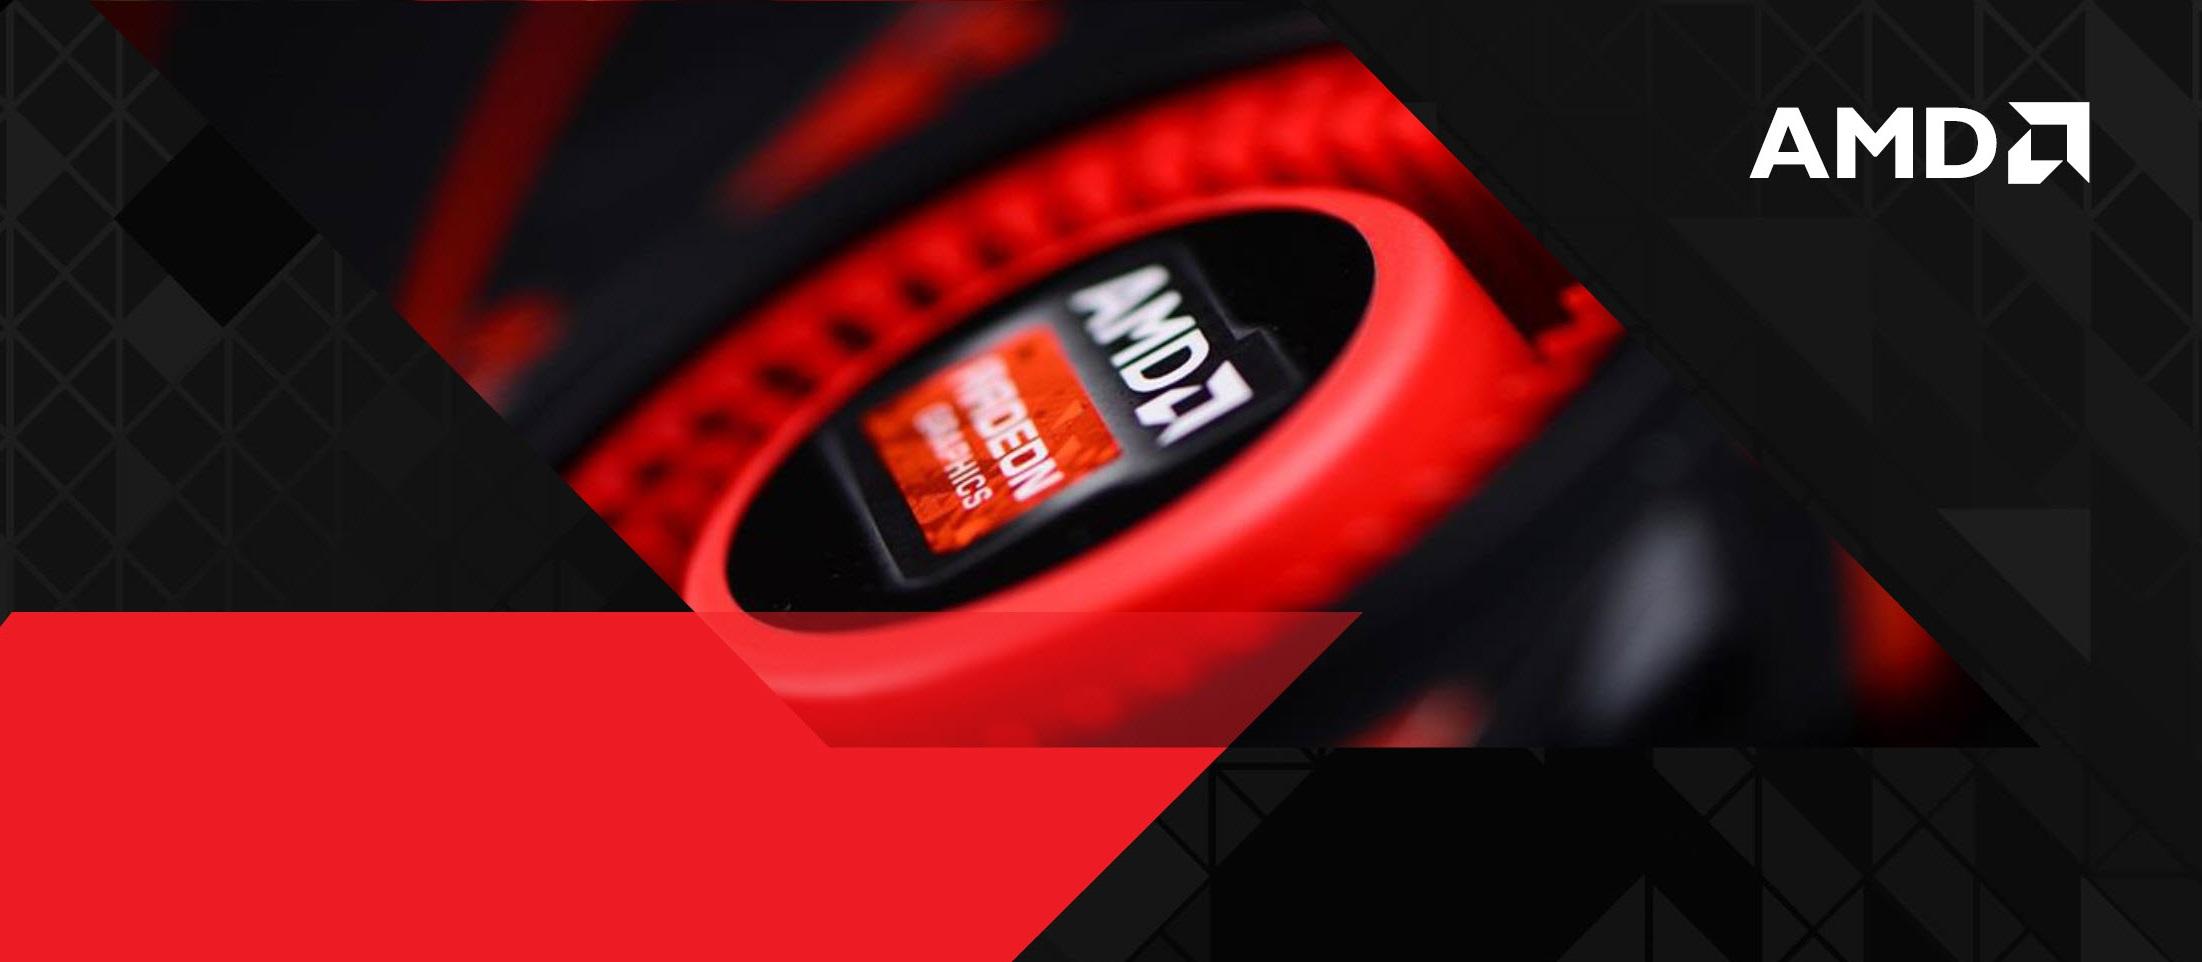 Radeon RX VEGA veloce come GTX 1080Ti